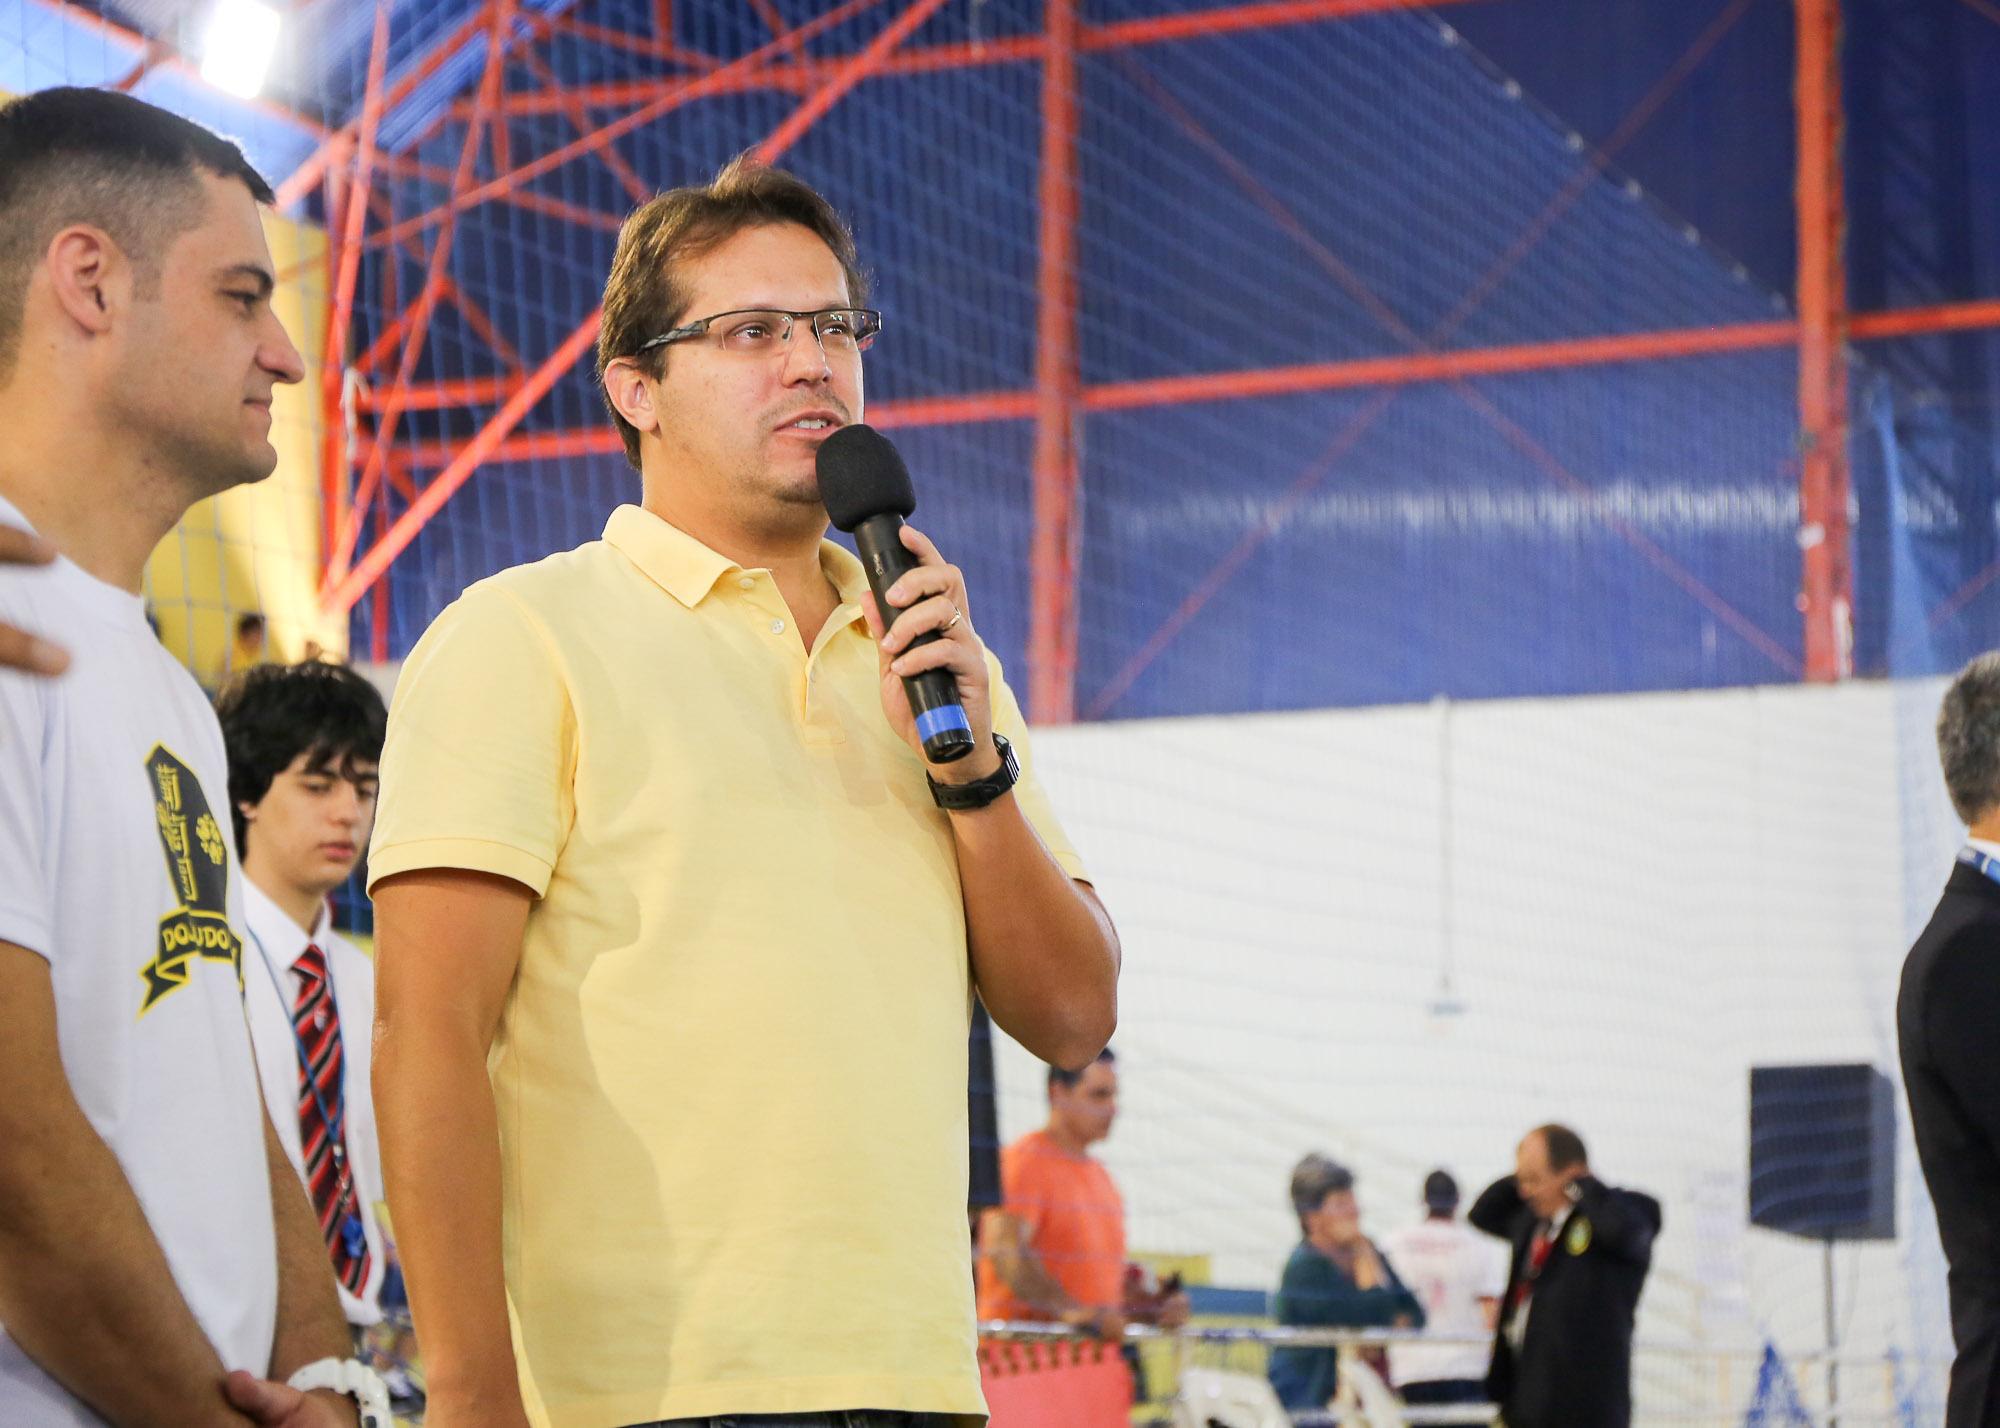 noticia 17º Open Tomodati de Karatê reuniu mais de 400 atletas em Louveira.